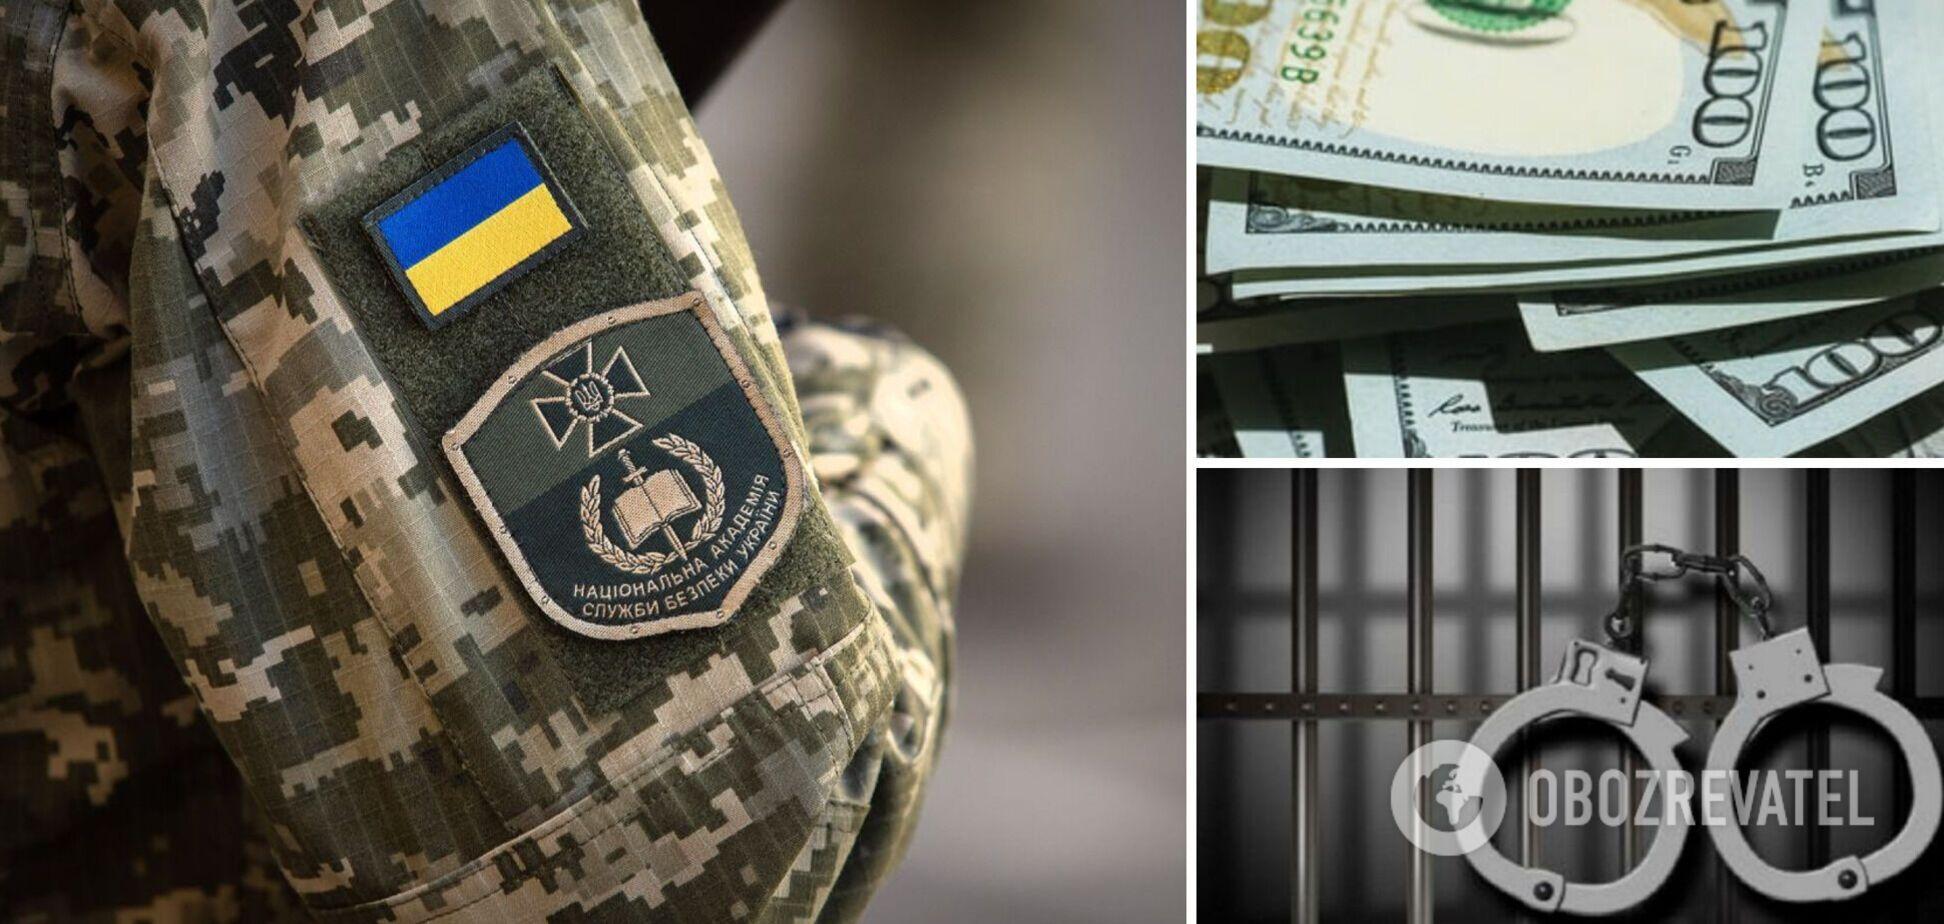 В Одессе разоблачили масштабную схему хищения средств из бюджета. Фото и все подробности